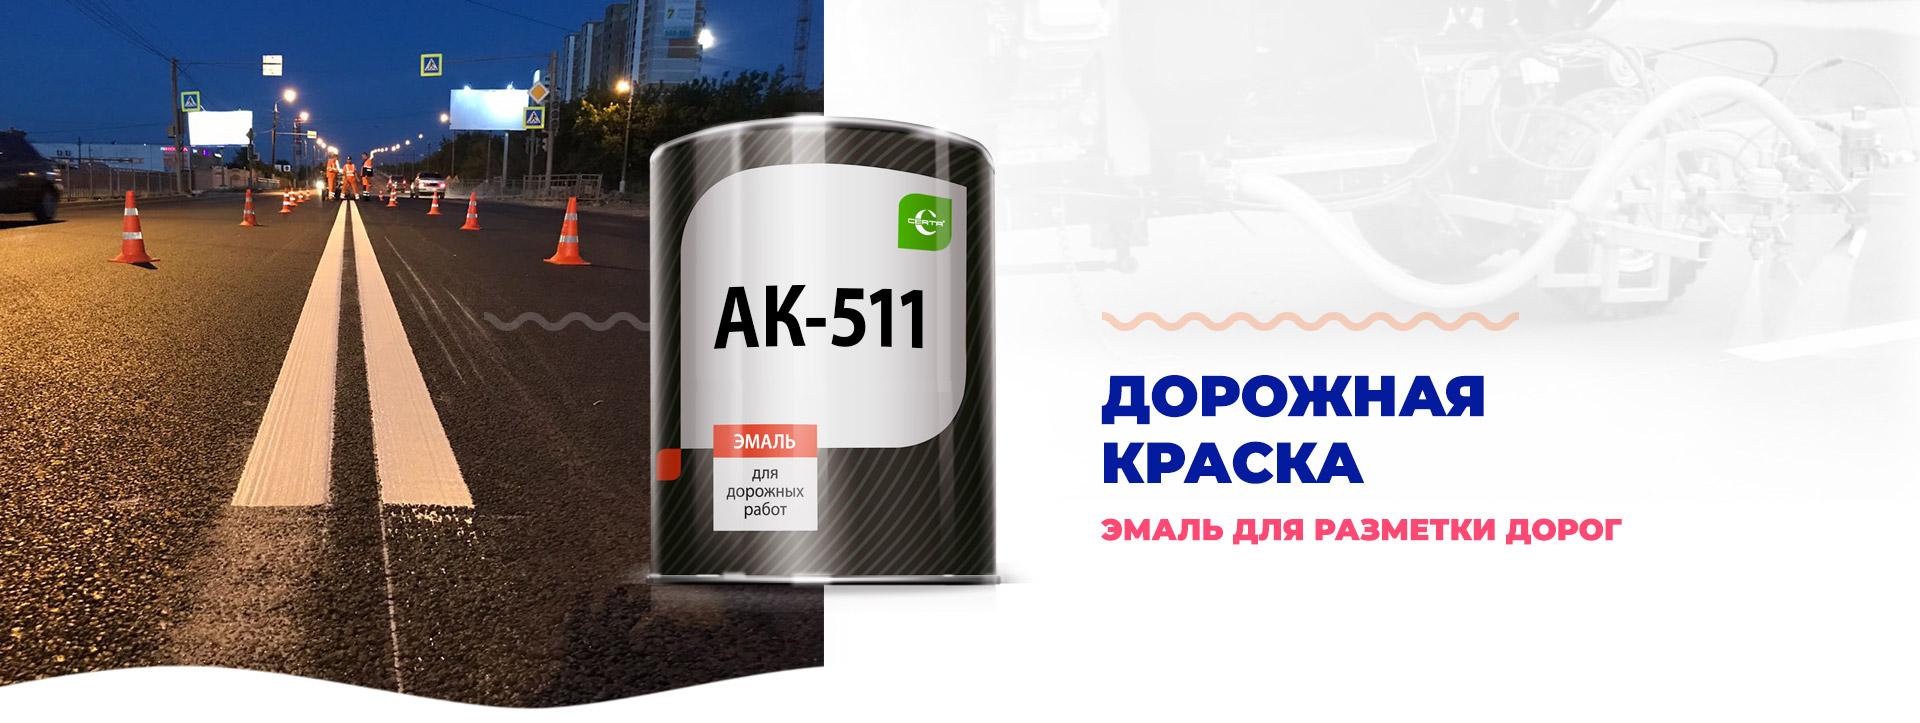 Дорожная краска эмаль для разметки дорог Воронеж